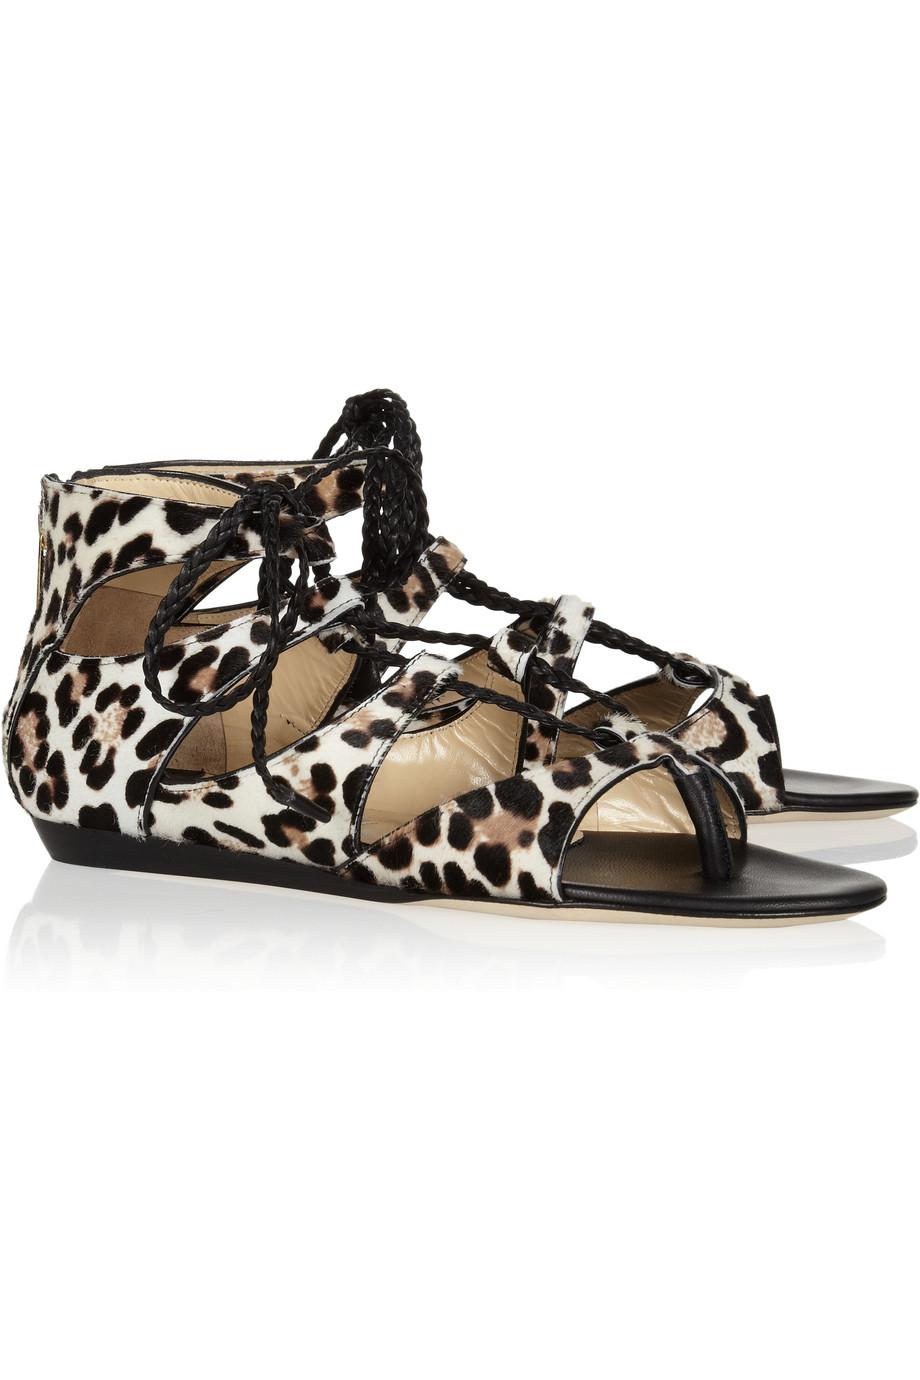 Lyst Jimmy Choo Leopard Print Calf Hair Sandals